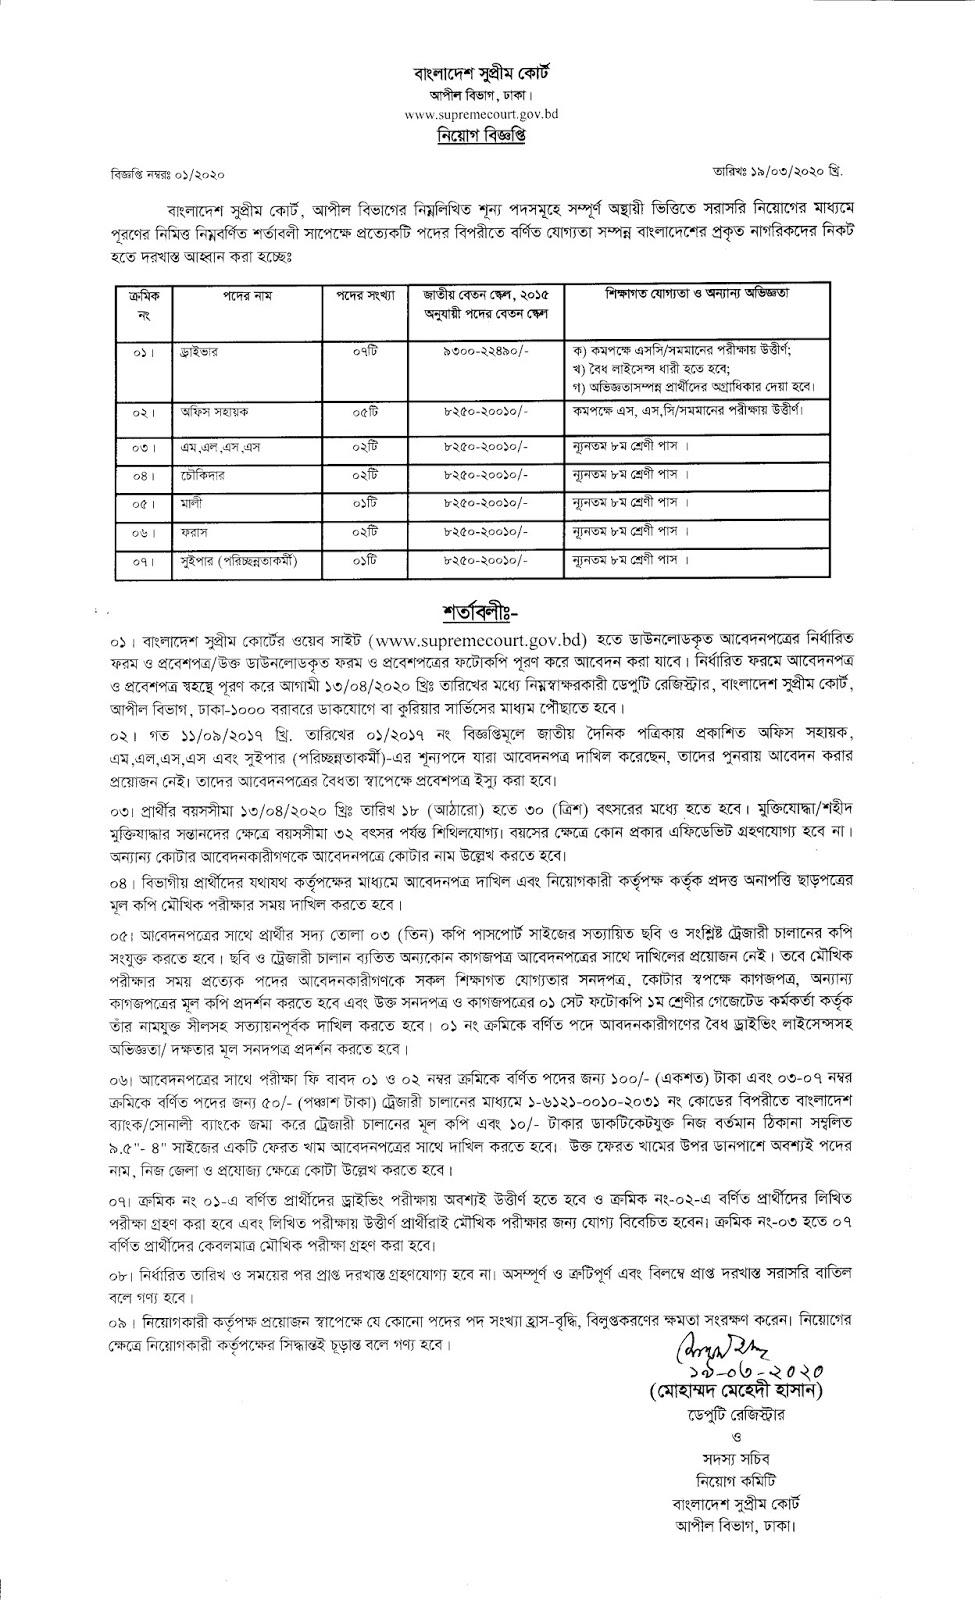 বাংলাদেশ সুপ্রিম কোর্ট বিভাগে চাকরির নিয়োগ বিজ্ঞপ্তি প্রকাশ || Supremecourt Job Circular 2020